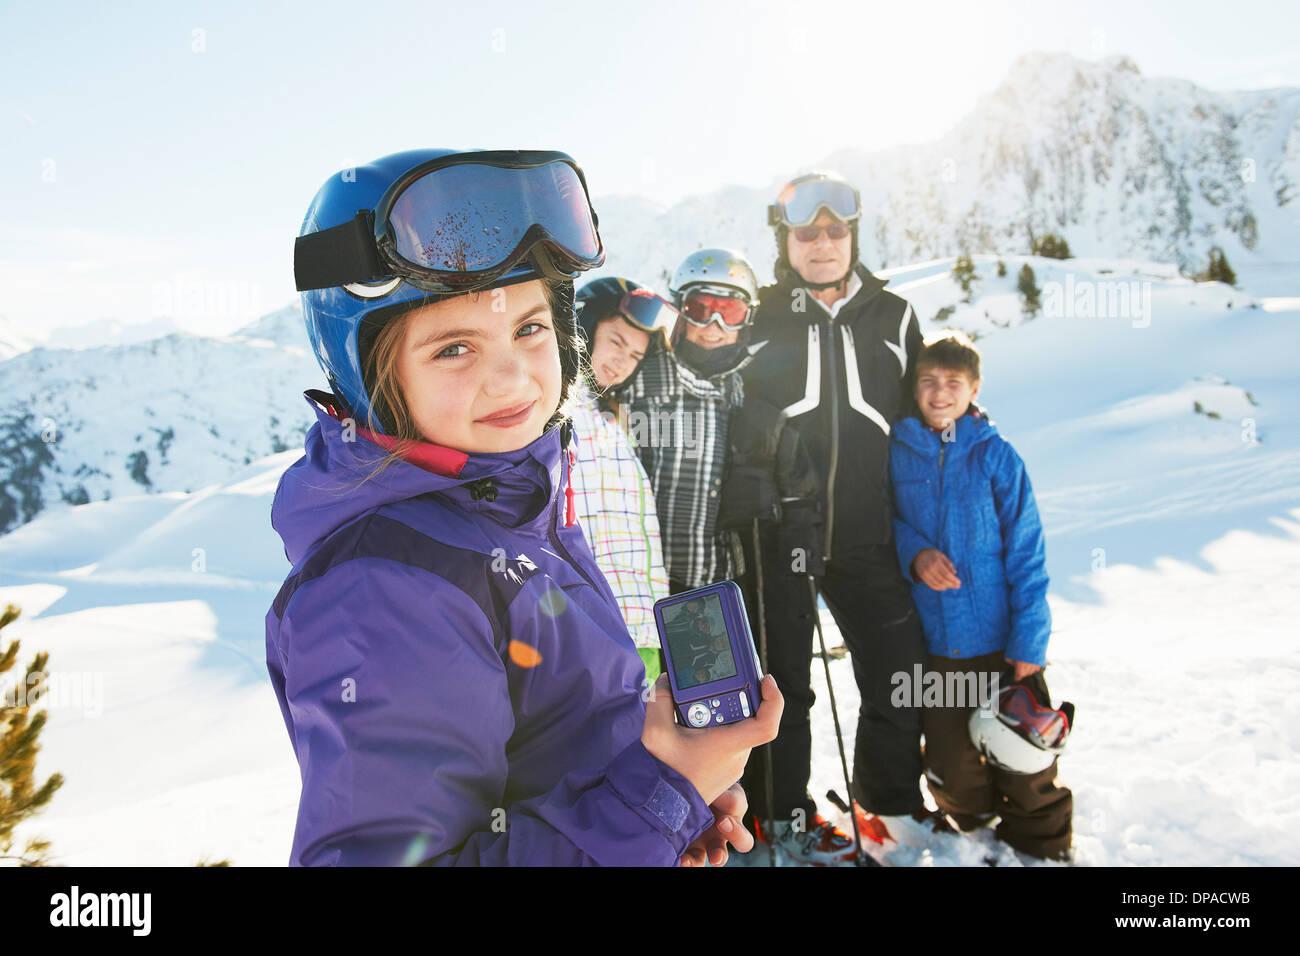 Familia de esquiadores, Les Arcs, Haute-Savoie, Francia Imagen De Stock